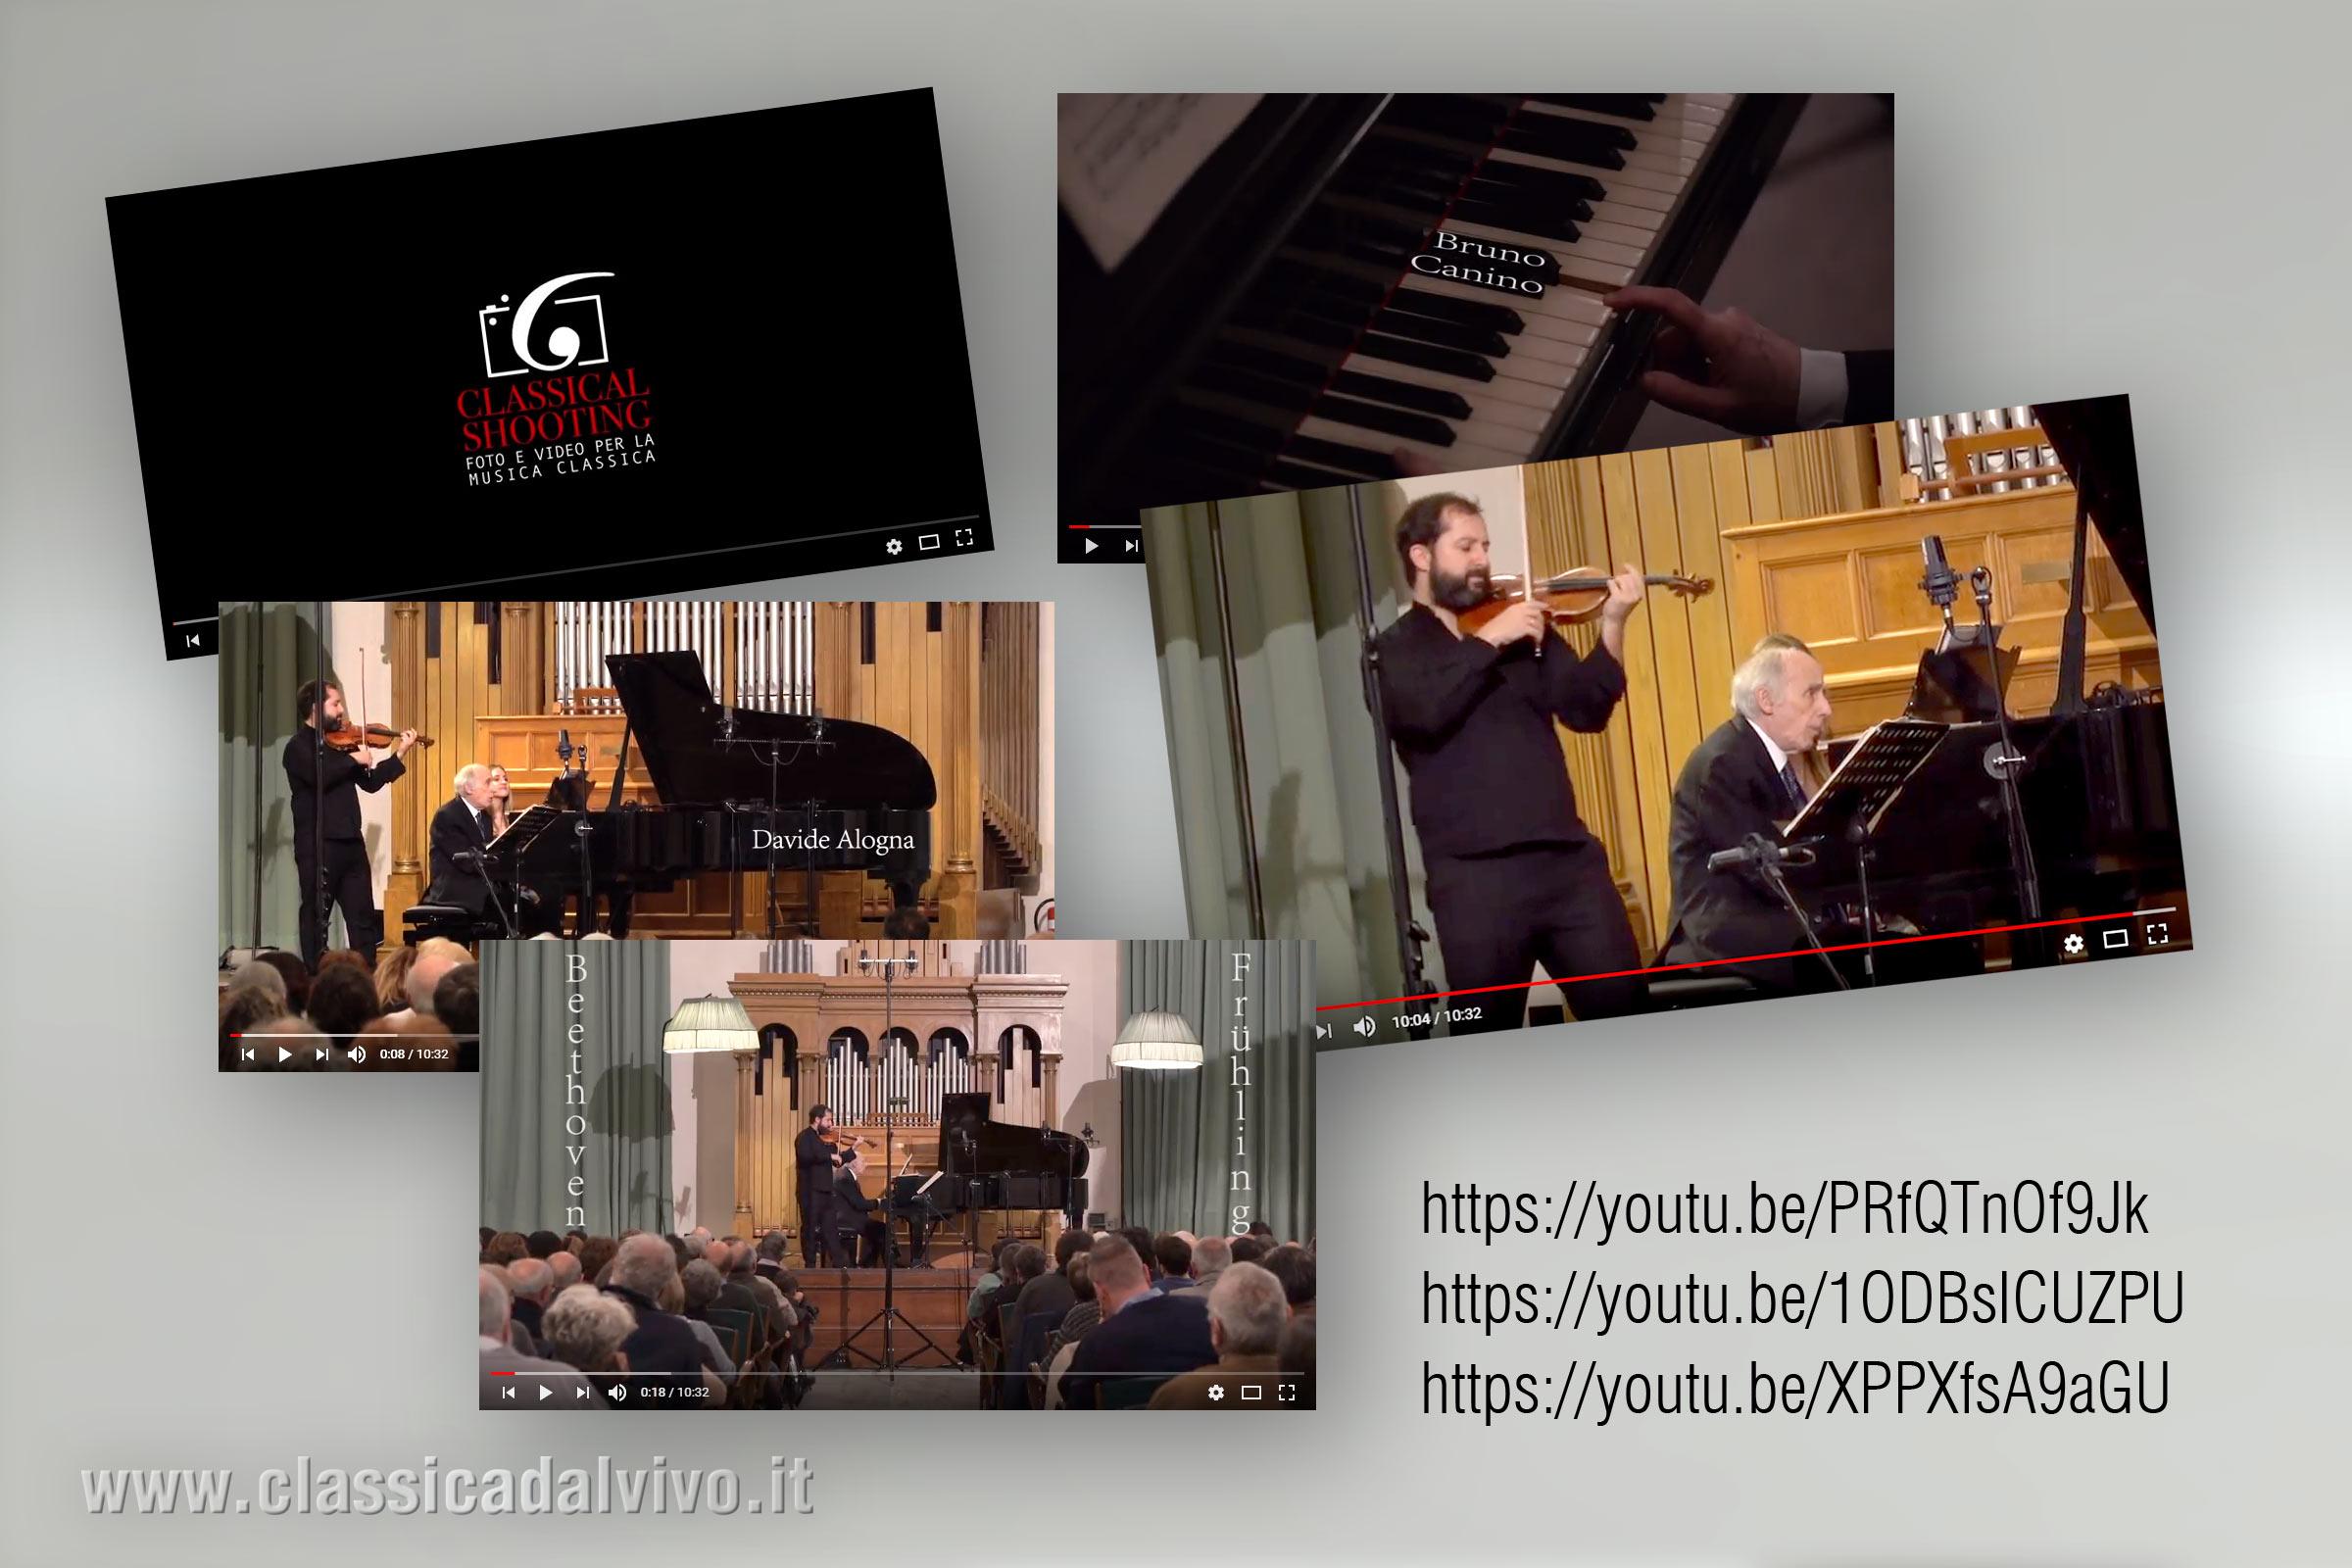 Davide Alogna, Bruno Canino, Beethoven, La-primavera